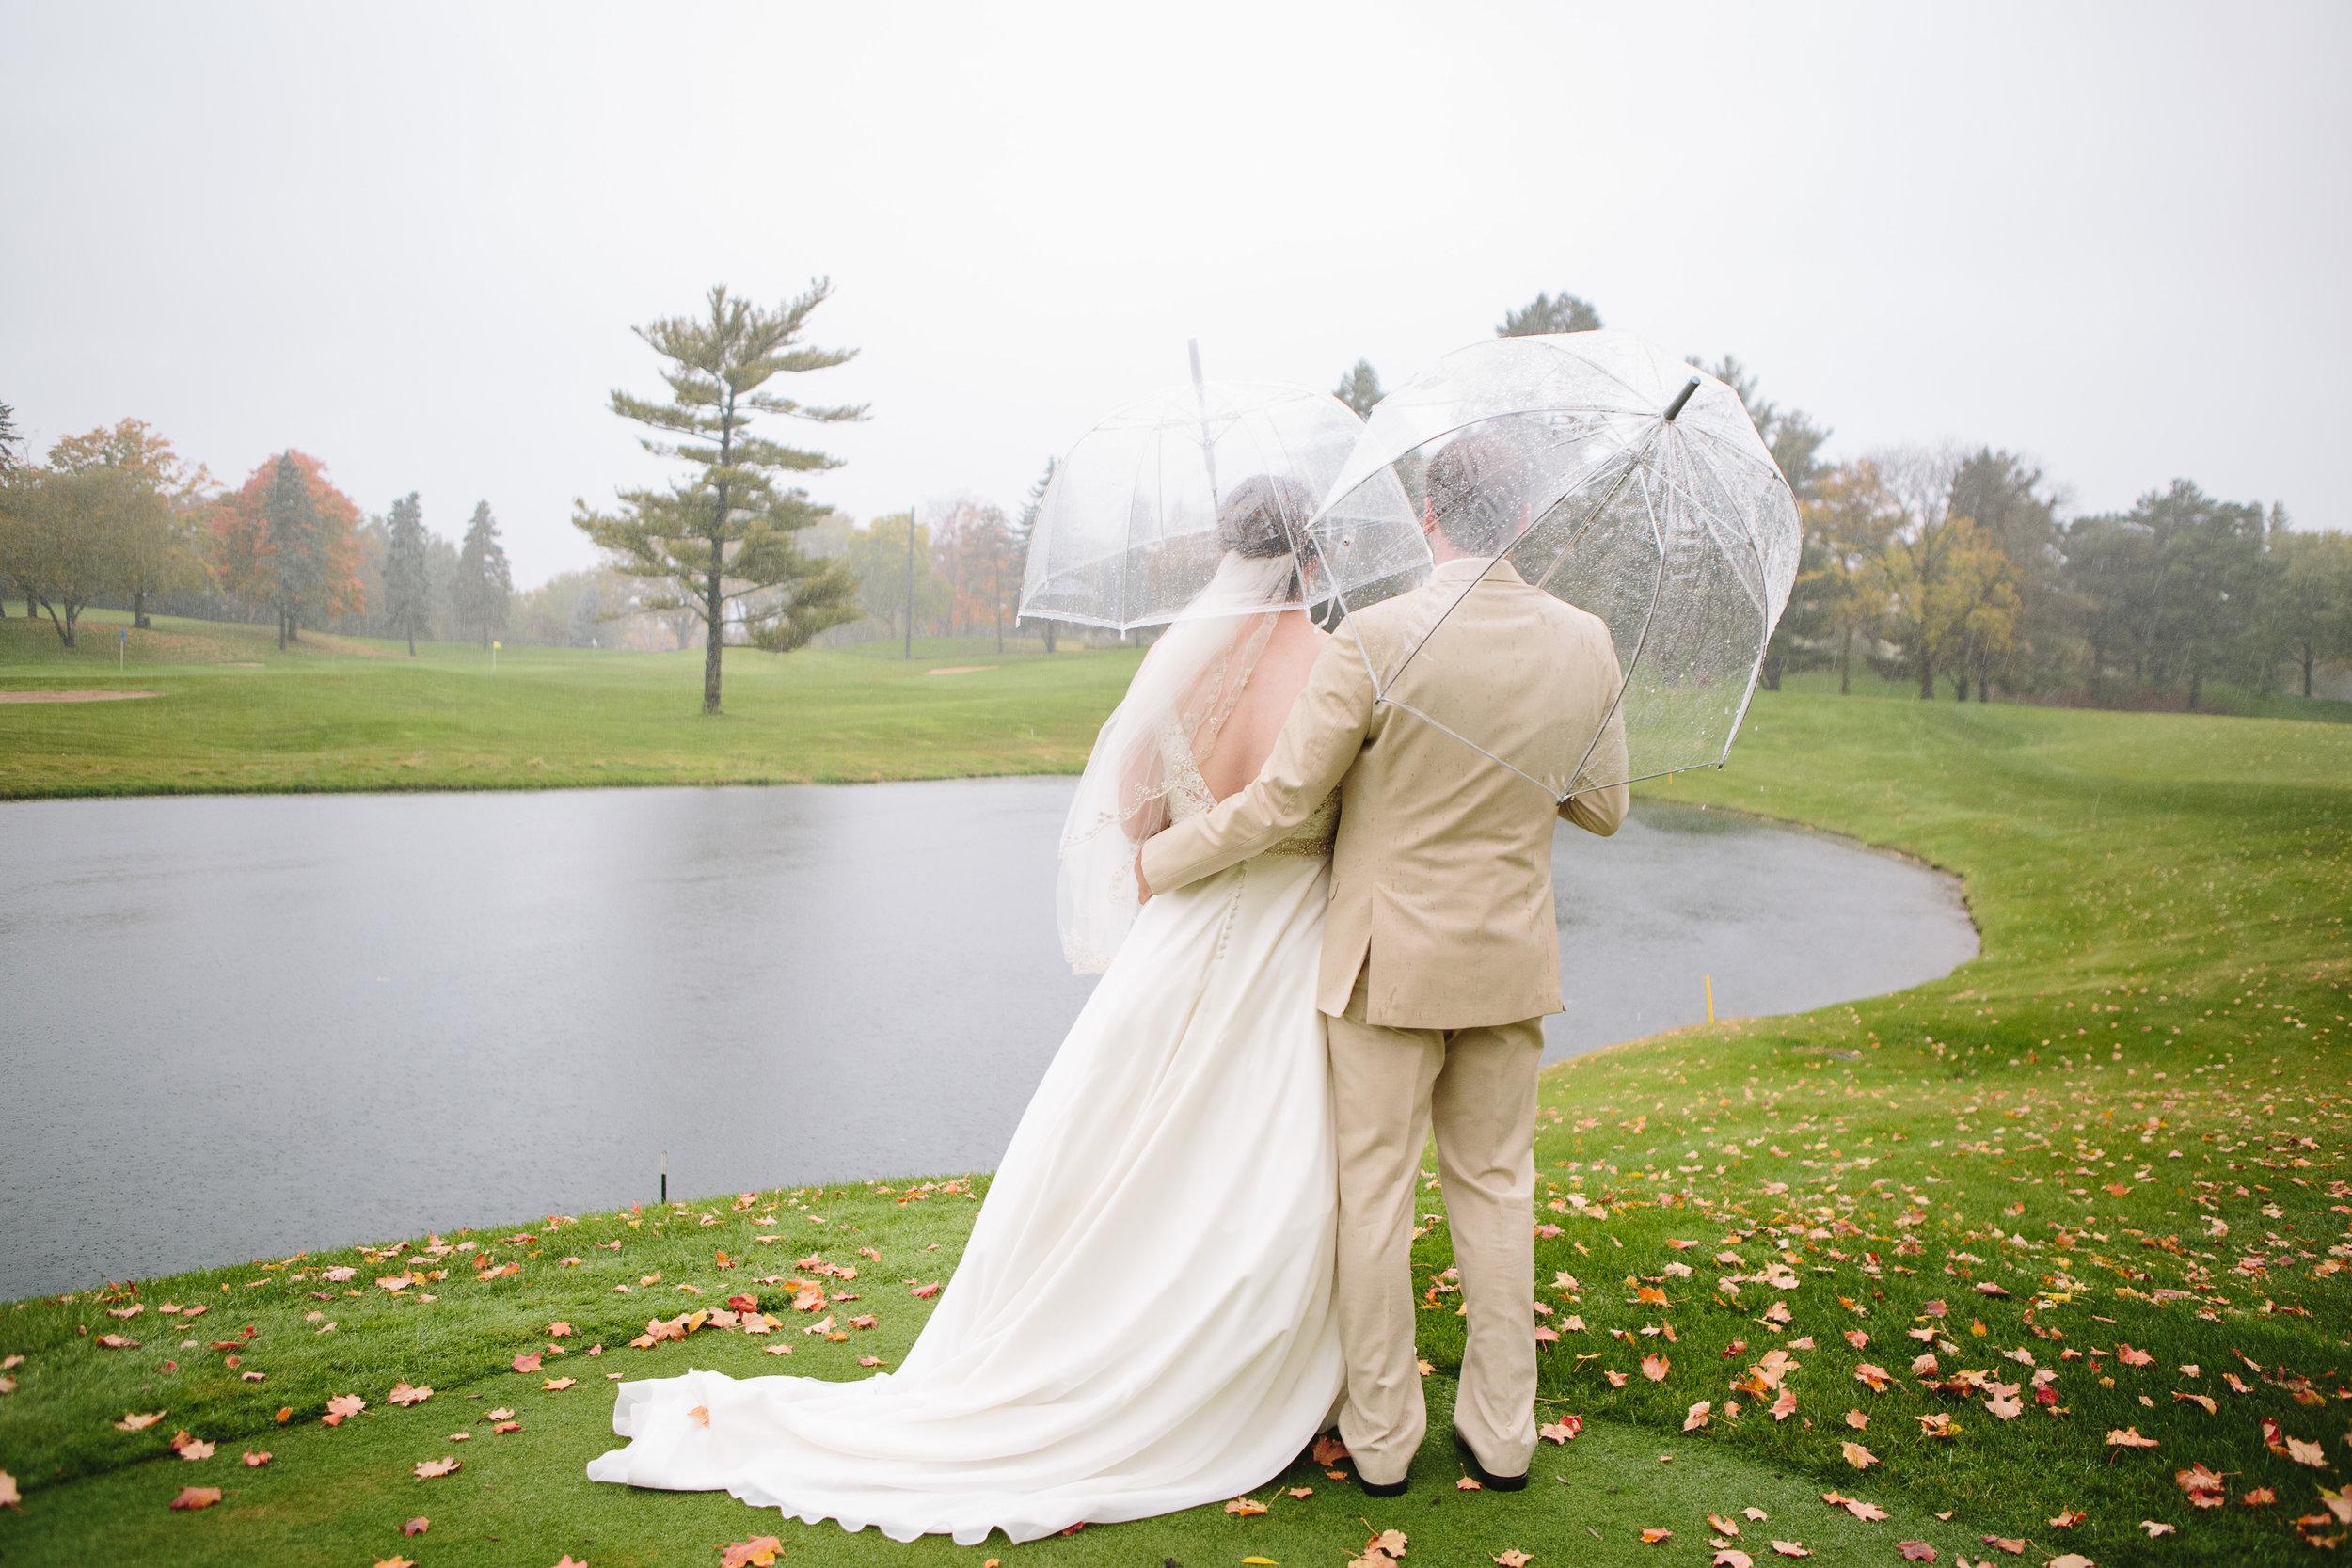 rainy wedding day, fall wedding, prepare for rain on your wedding day, umbrella wedding photos, golf course wedding photos